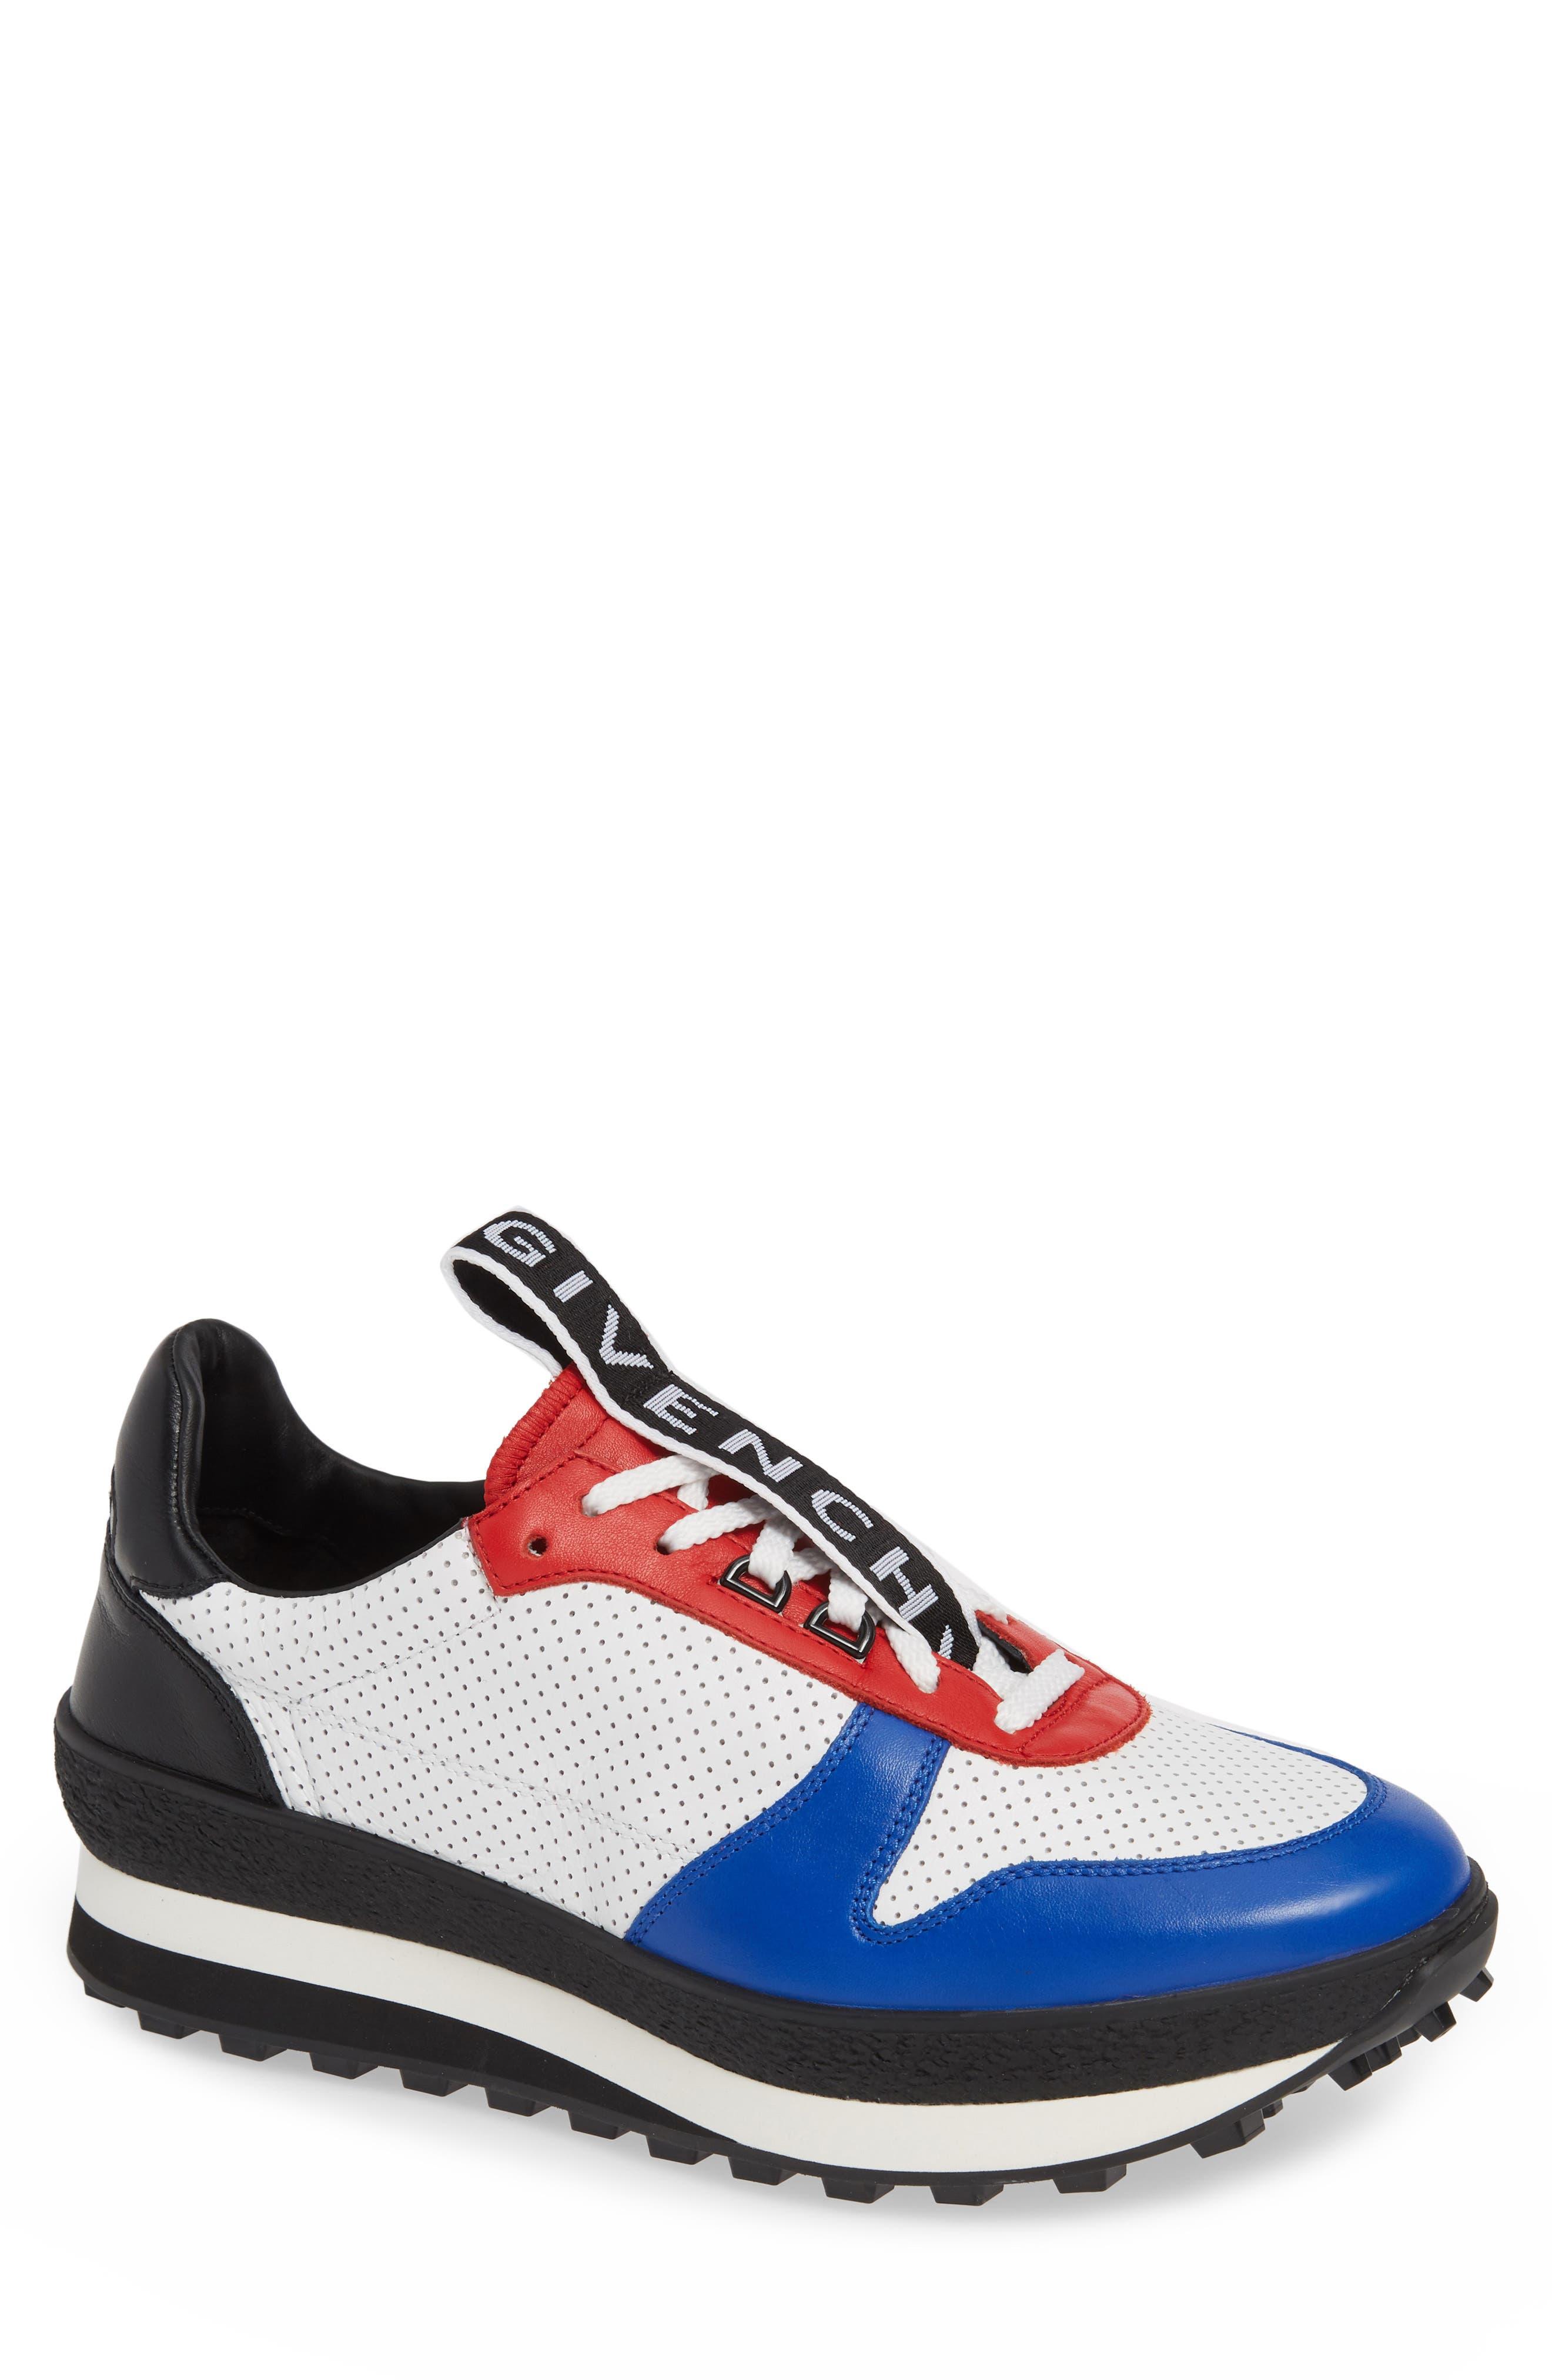 TR3 Low Runner Sneaker,                             Main thumbnail 1, color,                             WHITE/ RED/ BLACK